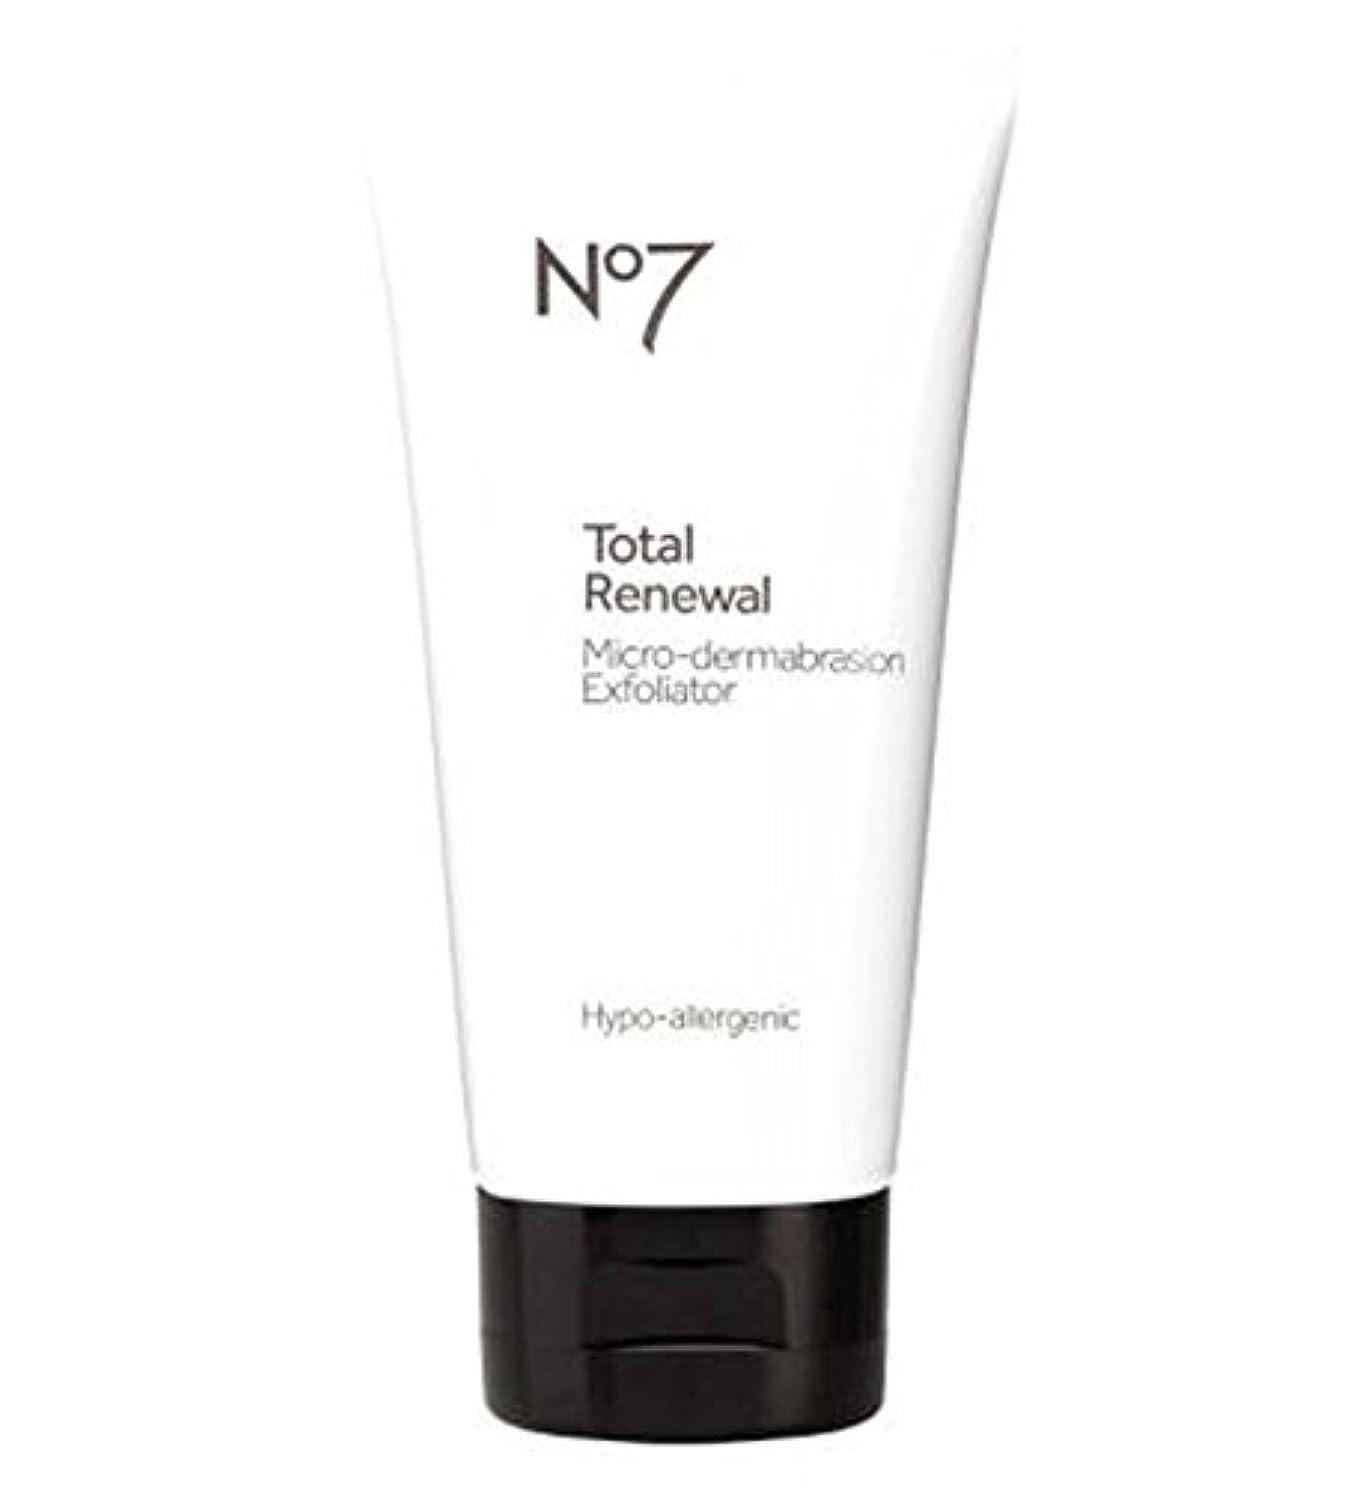 疑問に思う現象演劇No7 Total Renewal Micro-dermabrasion Face Exfoliator - No7総リニューアルマイクロ皮膚剥離面エクスフォリエーター (No7) [並行輸入品]